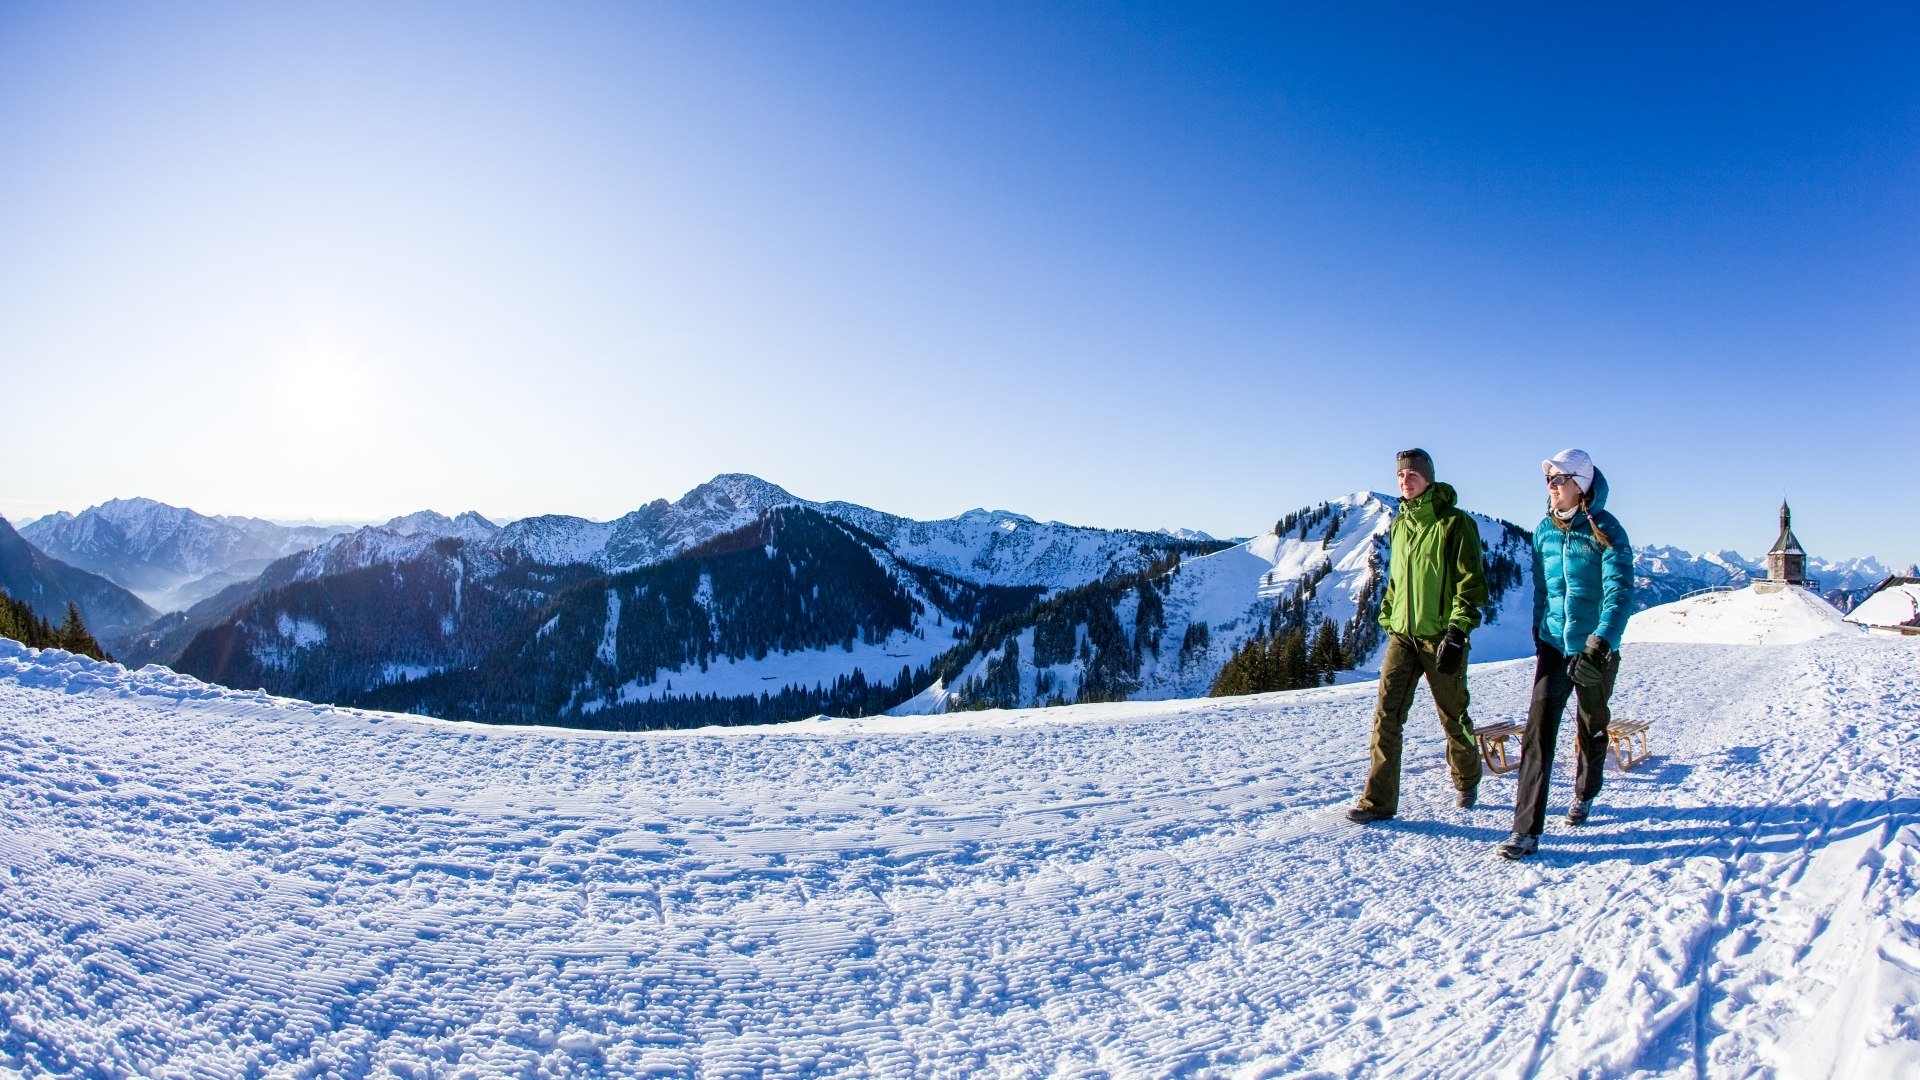 Winterwandern - Feuer & Eis Touristik , © Bernd Ritschel